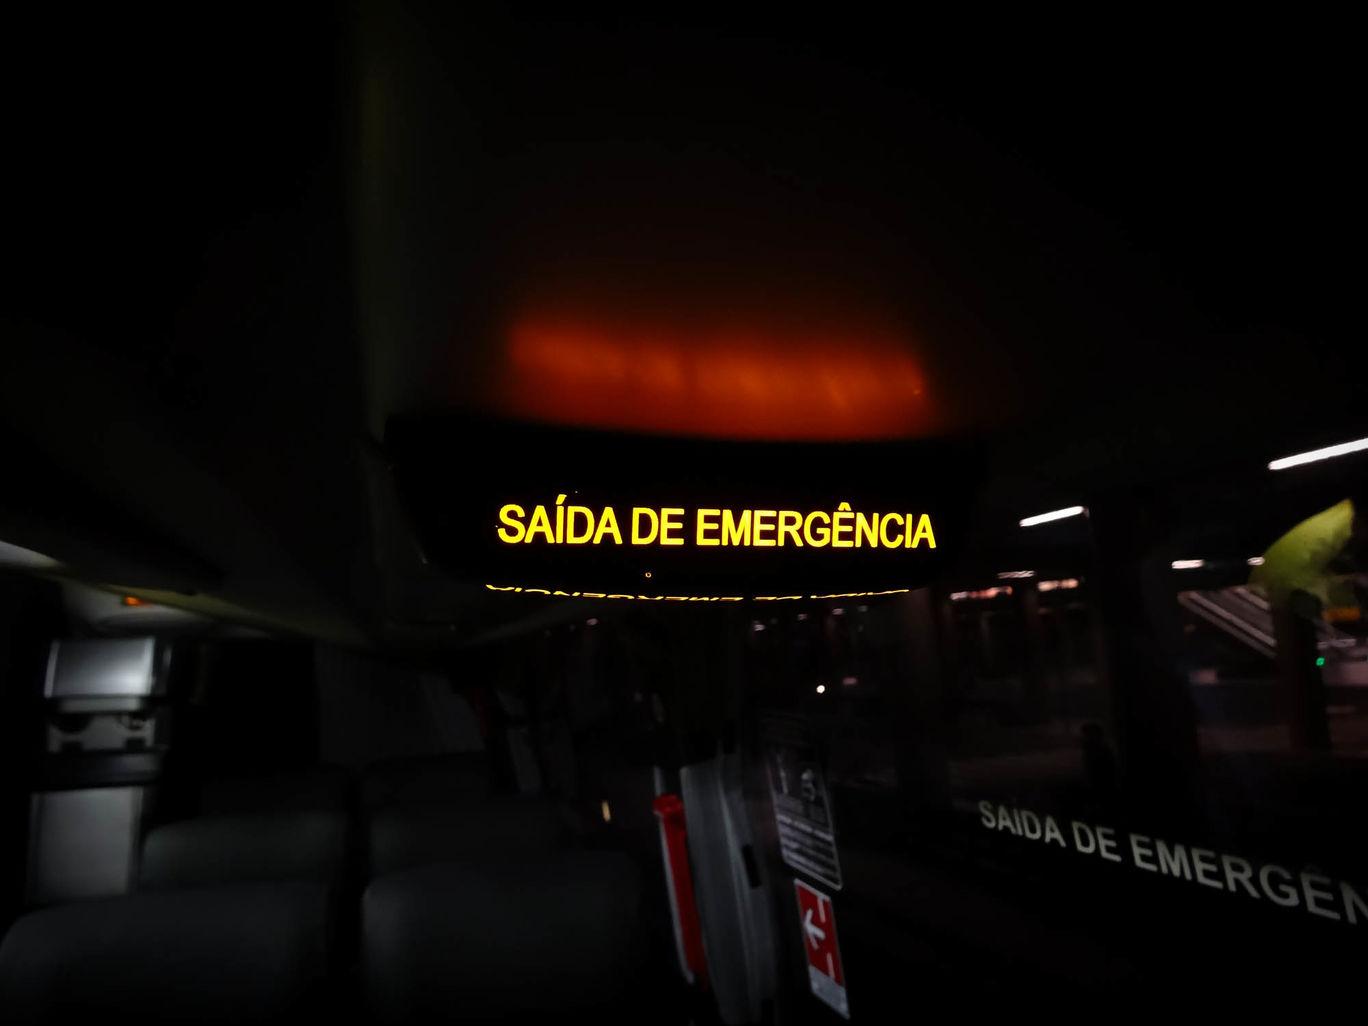 Photo of São Paulo By Kaushik Dey